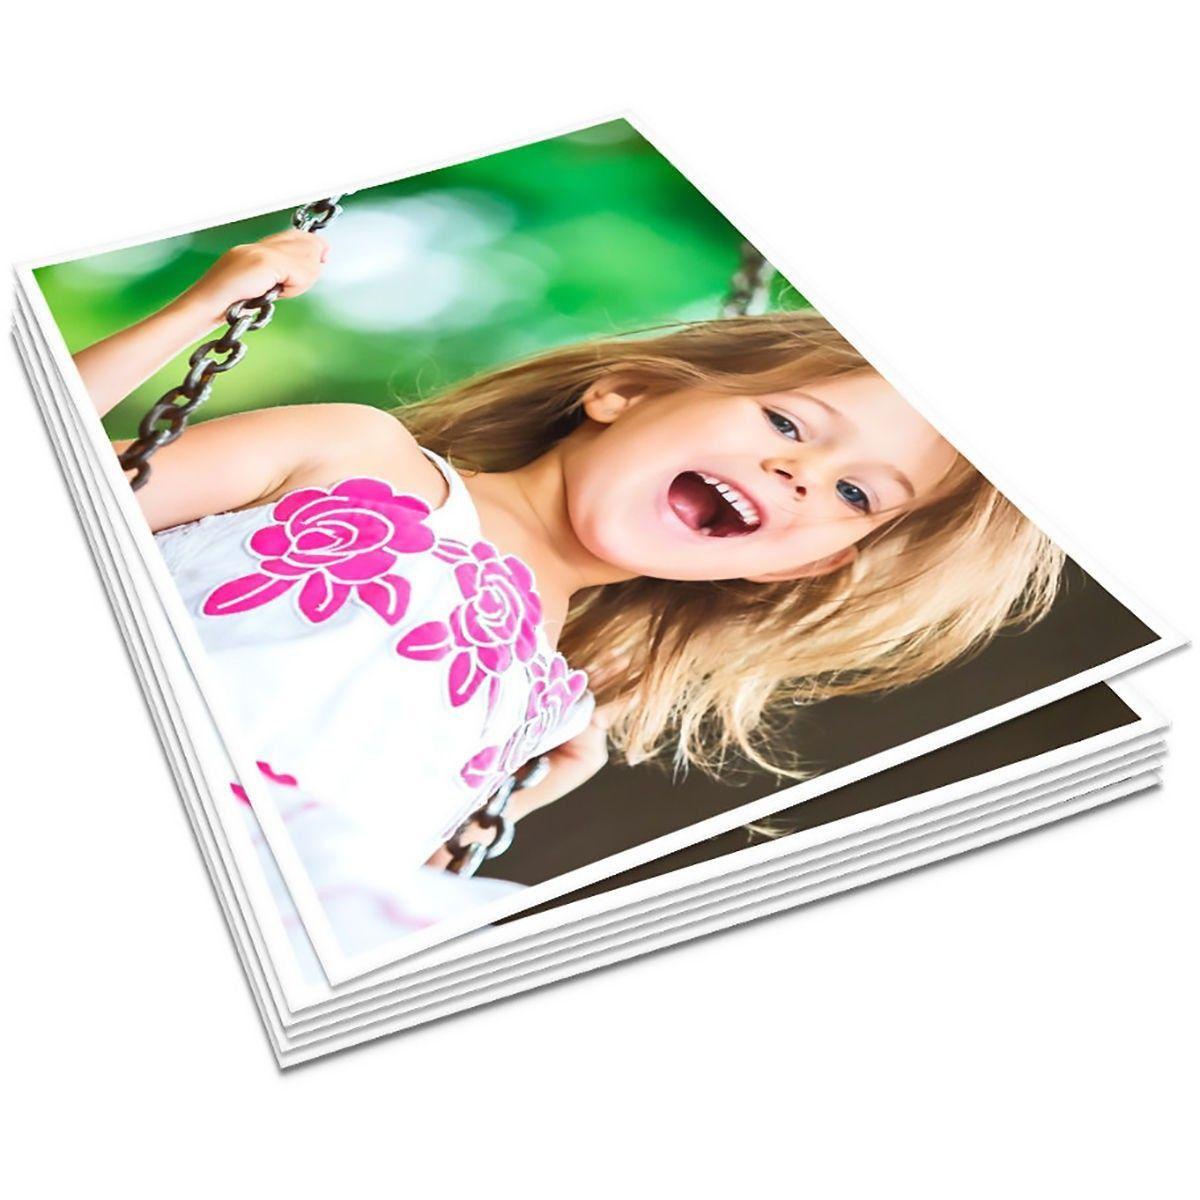 Papel Fotográfico A4 150g Glossy Branco Brilhante Resistente à Água / 300 folhas